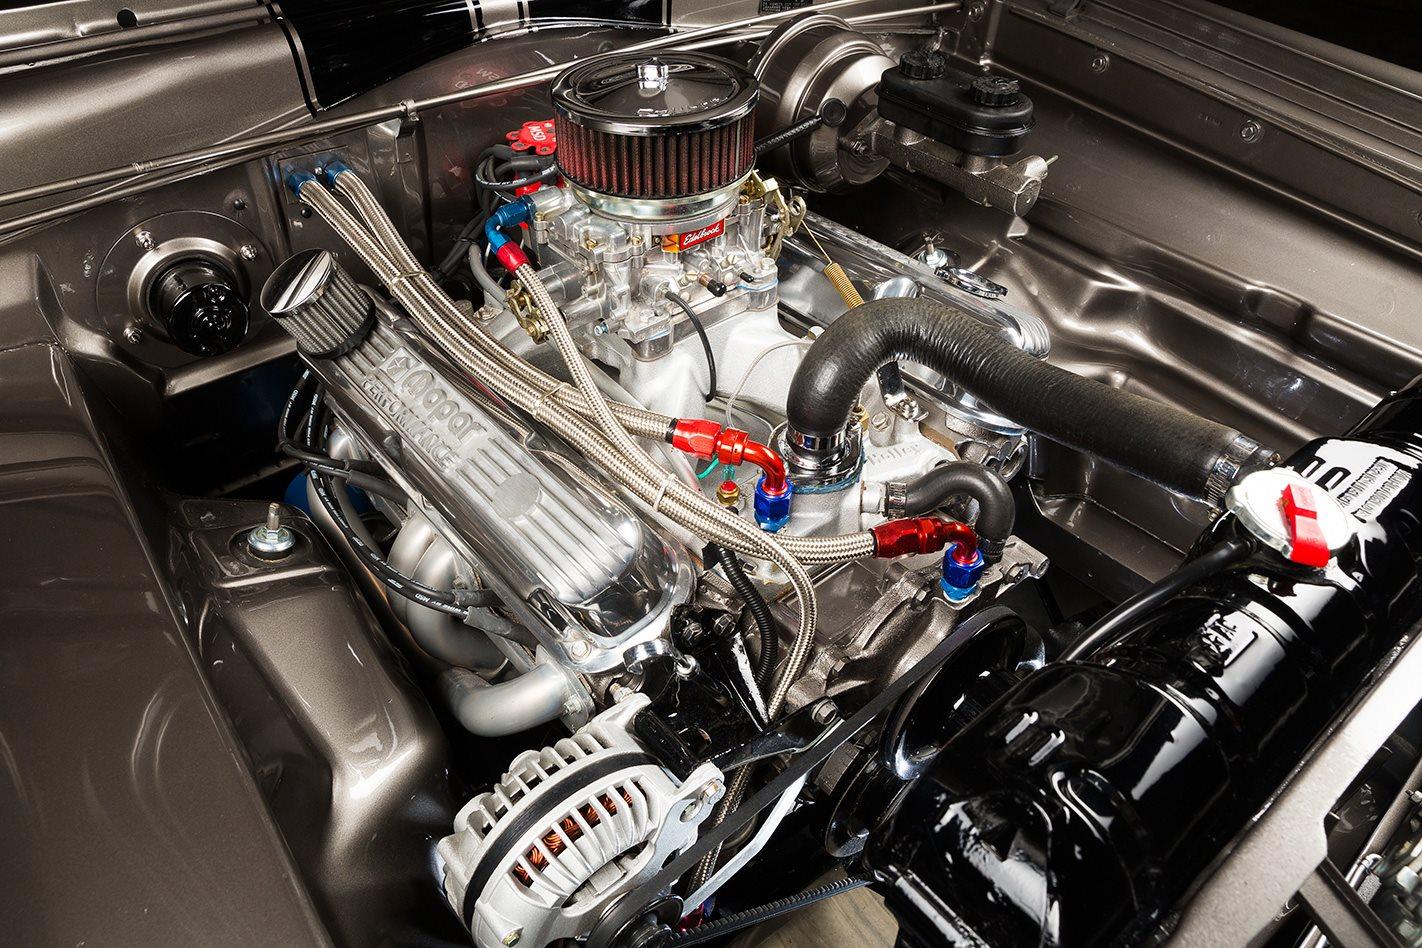 1966 PLYMOUTH BARRACUDA engine